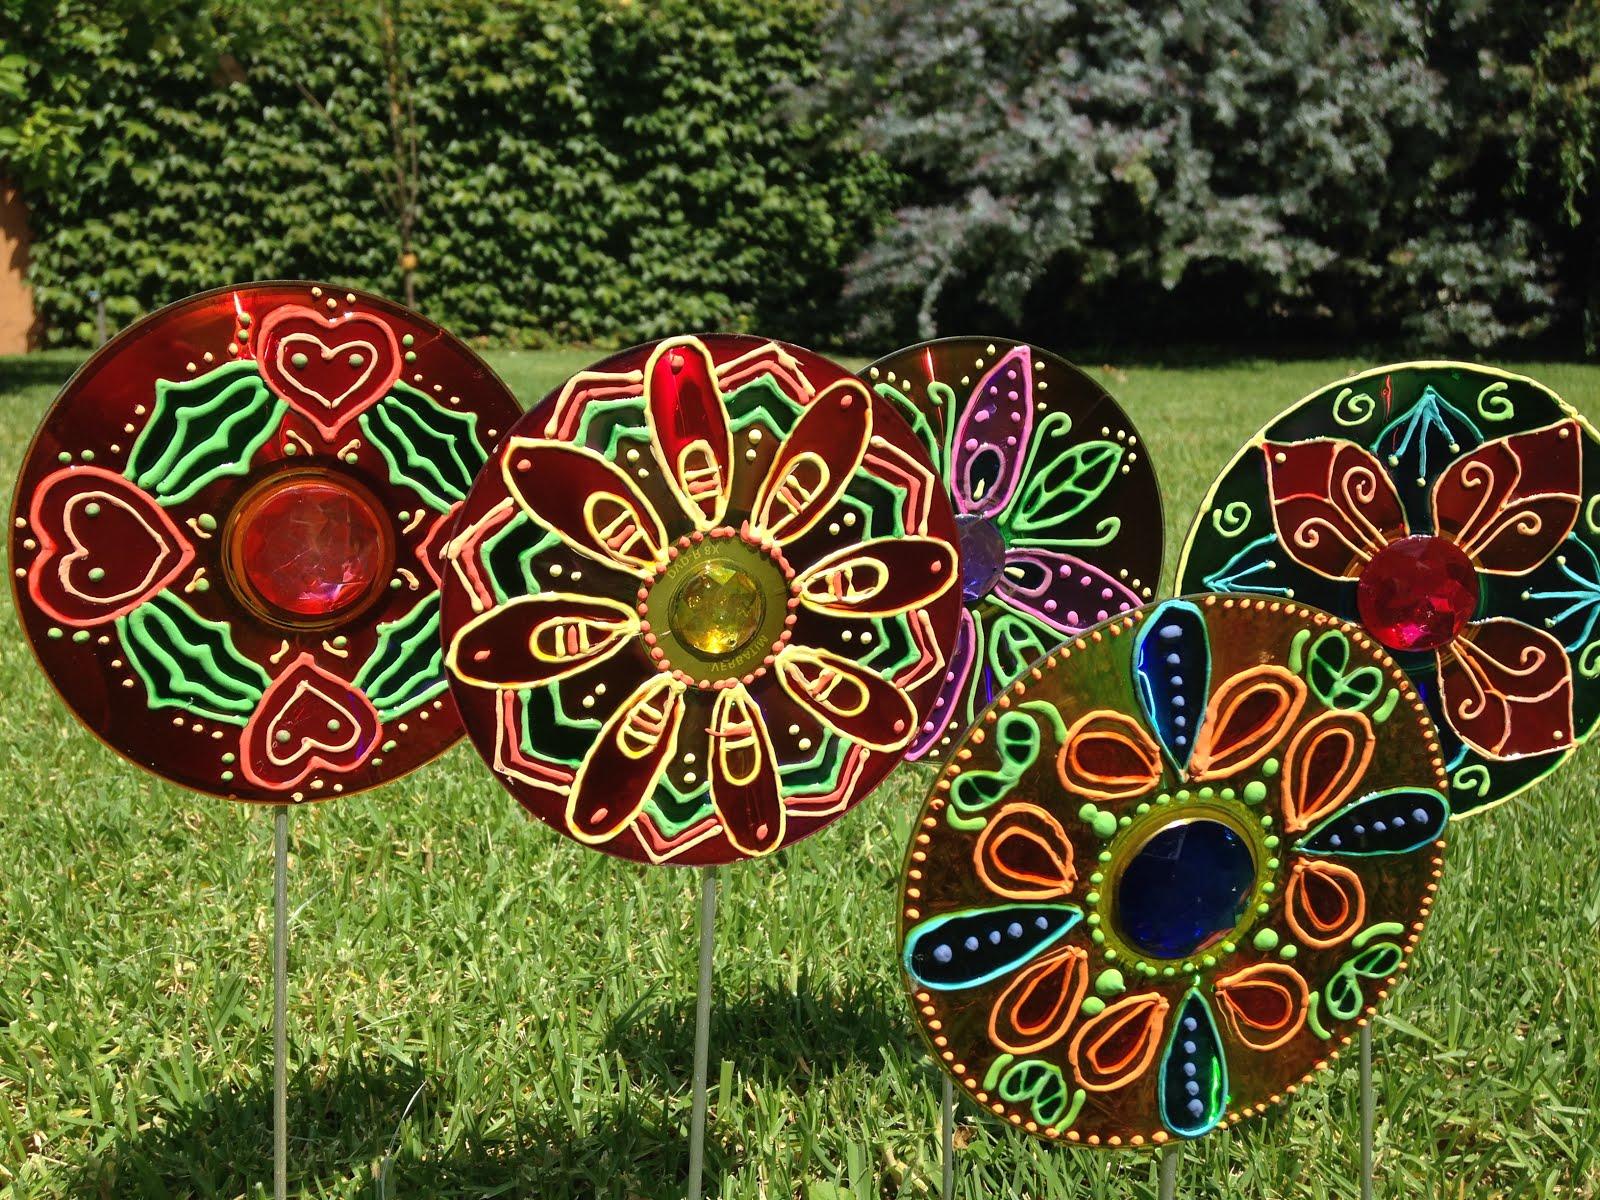 Van a dar mucho color y con la luz del sol destellos for Adornos para decorar un jardin